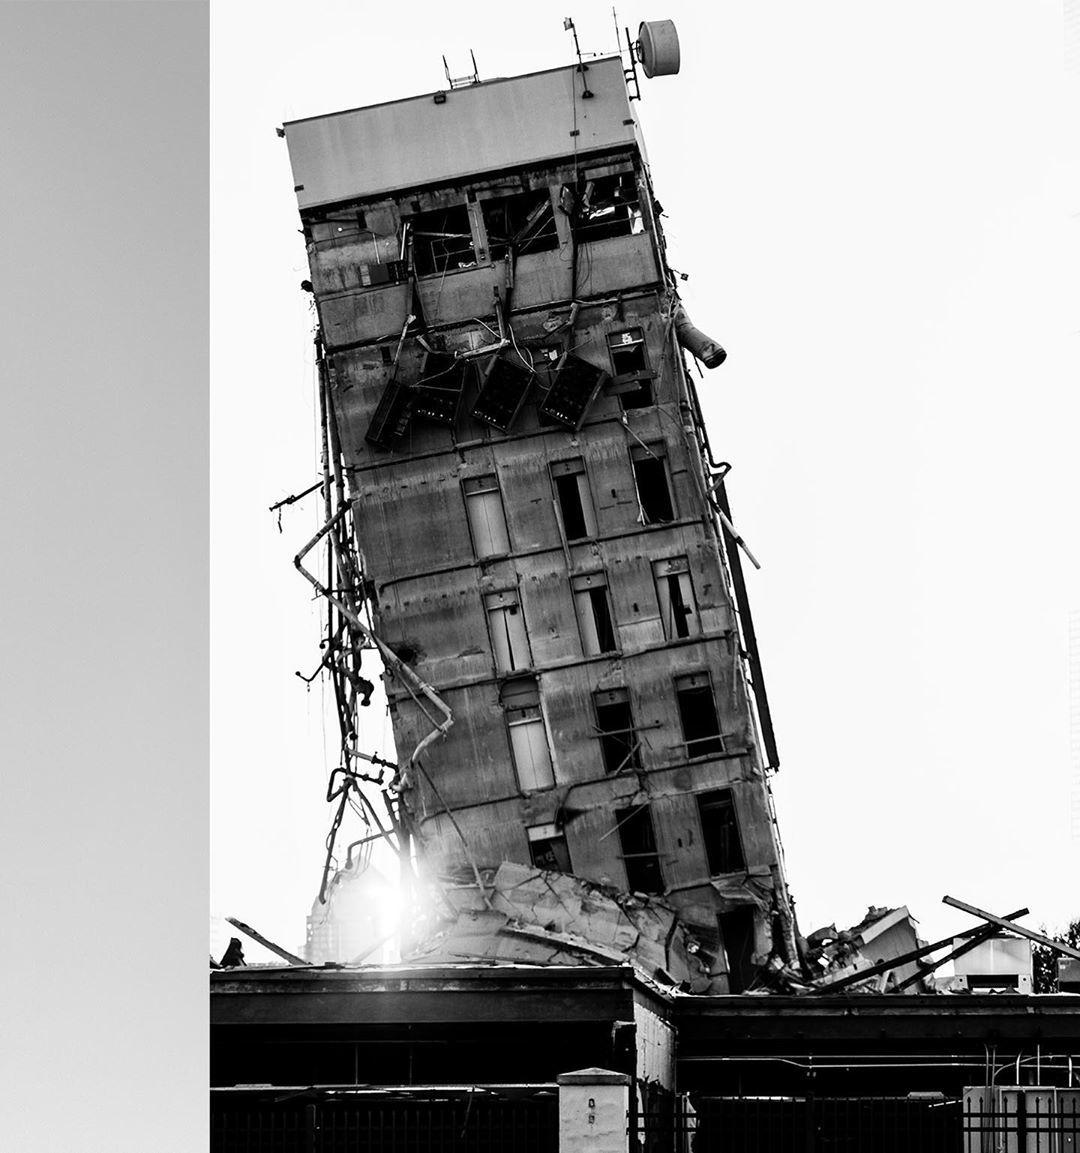 Tòa nhà cũ bỗng trở nên nổi tiếng vì giống tháp nghiêng Pisa